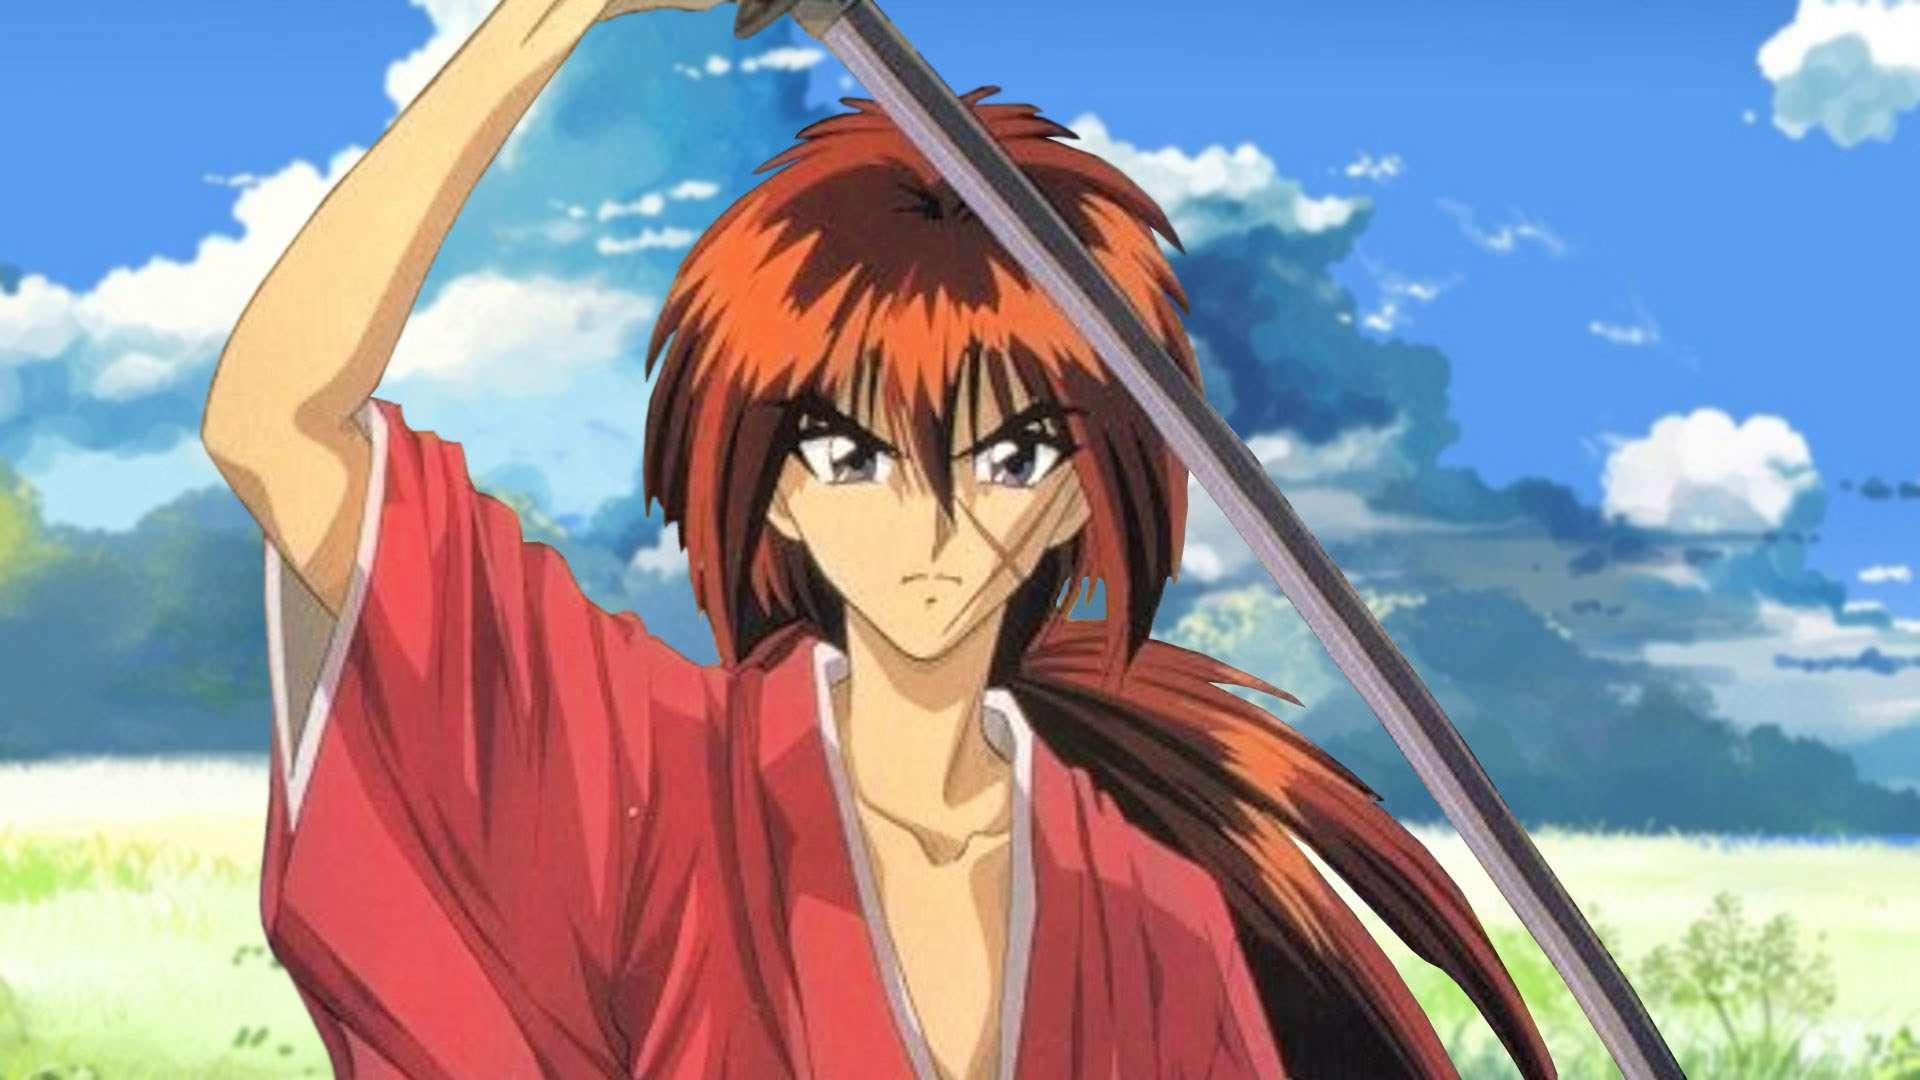 Site lista os 5 melhores animes da dcada de 1990 criado em 1994 por nobuhiro watsuki rurouni kenshin ou samurai x como ficou conhecido no ocidente teve o seu mang publicado na weekly shonen jump antes stopboris Images